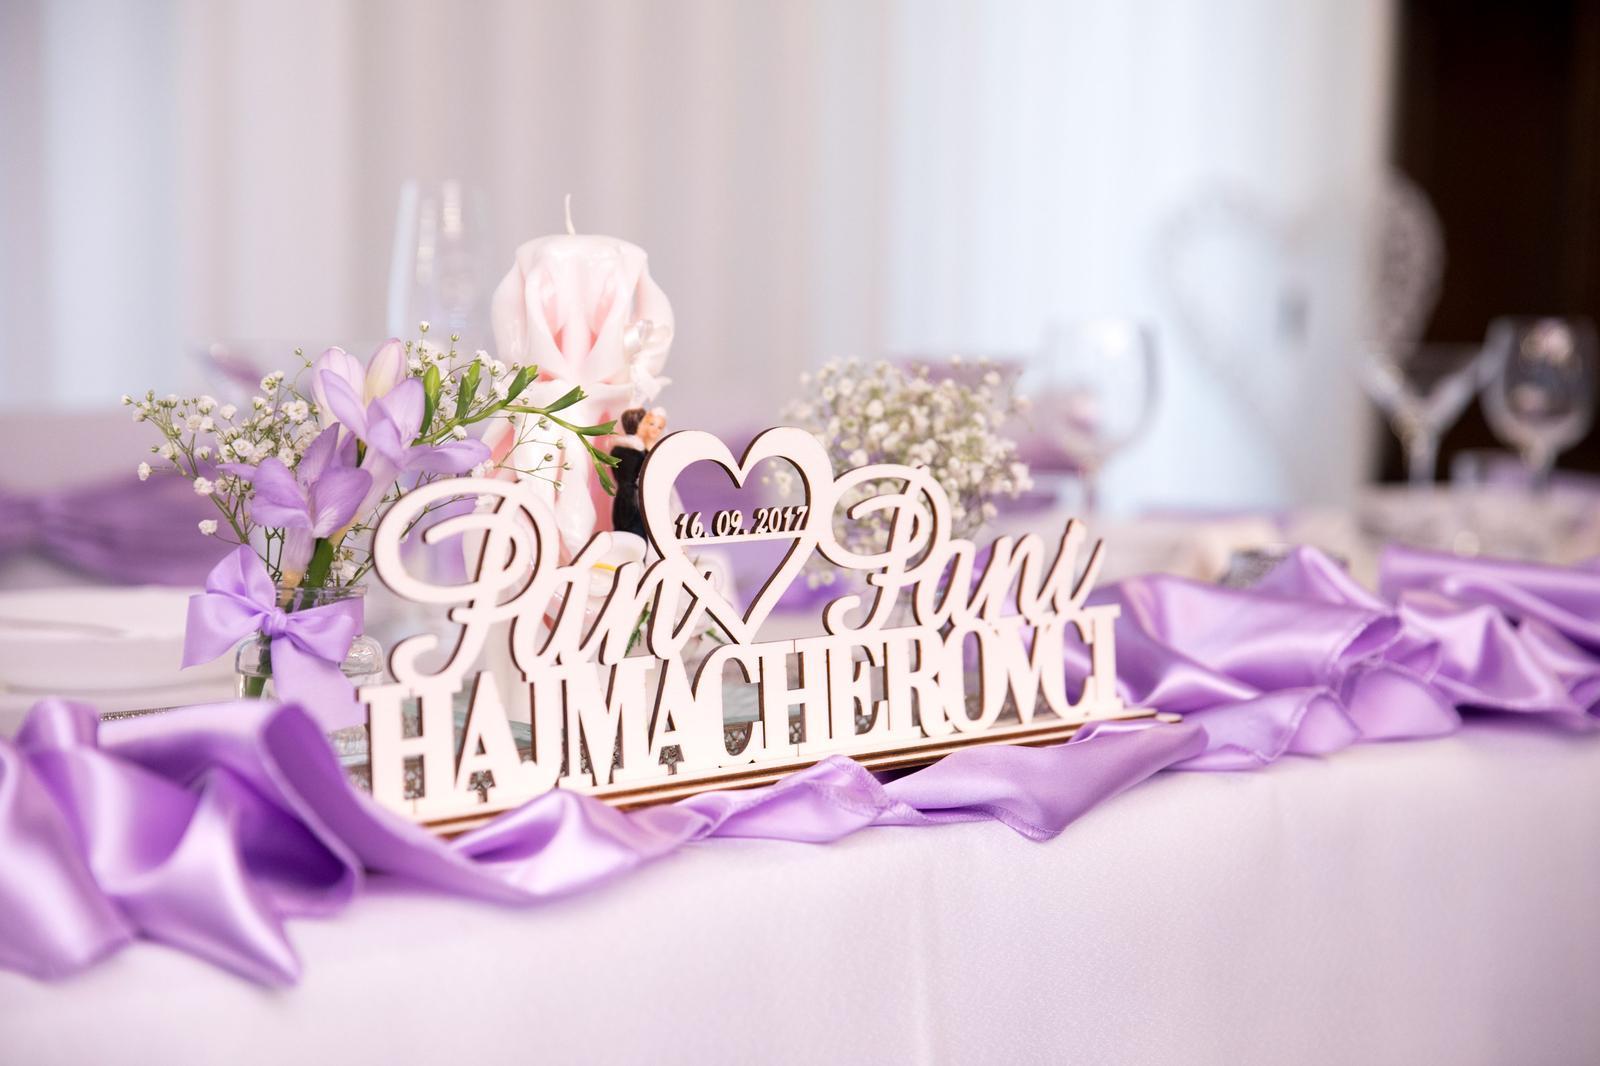 Detaily pre Váš svadobný deň - foto stojančeka zo svadbičky spokojných zákazníkov - ďakujeme